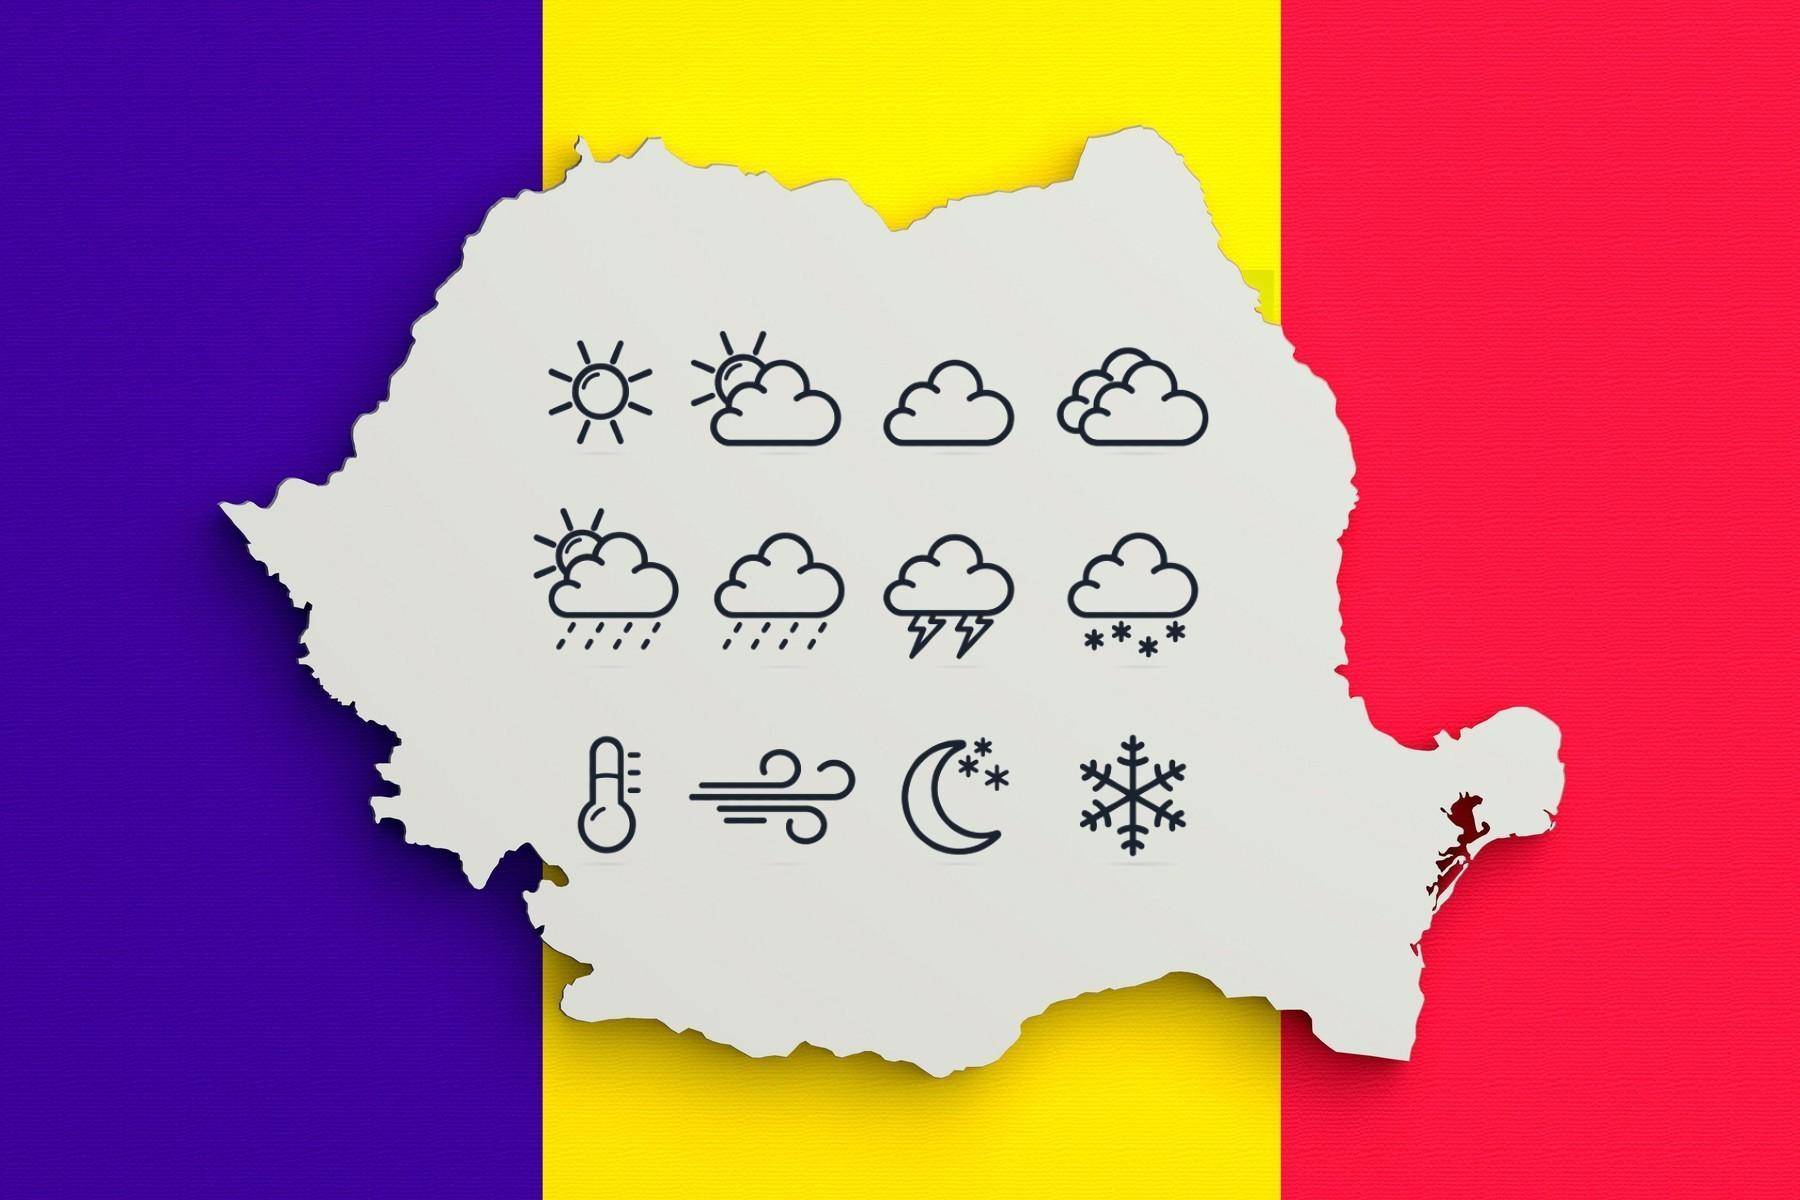 Prognoza meteo 27 februarie 2021. Cum e vremea în România și care sunt previziunile ANM pentru astăzi